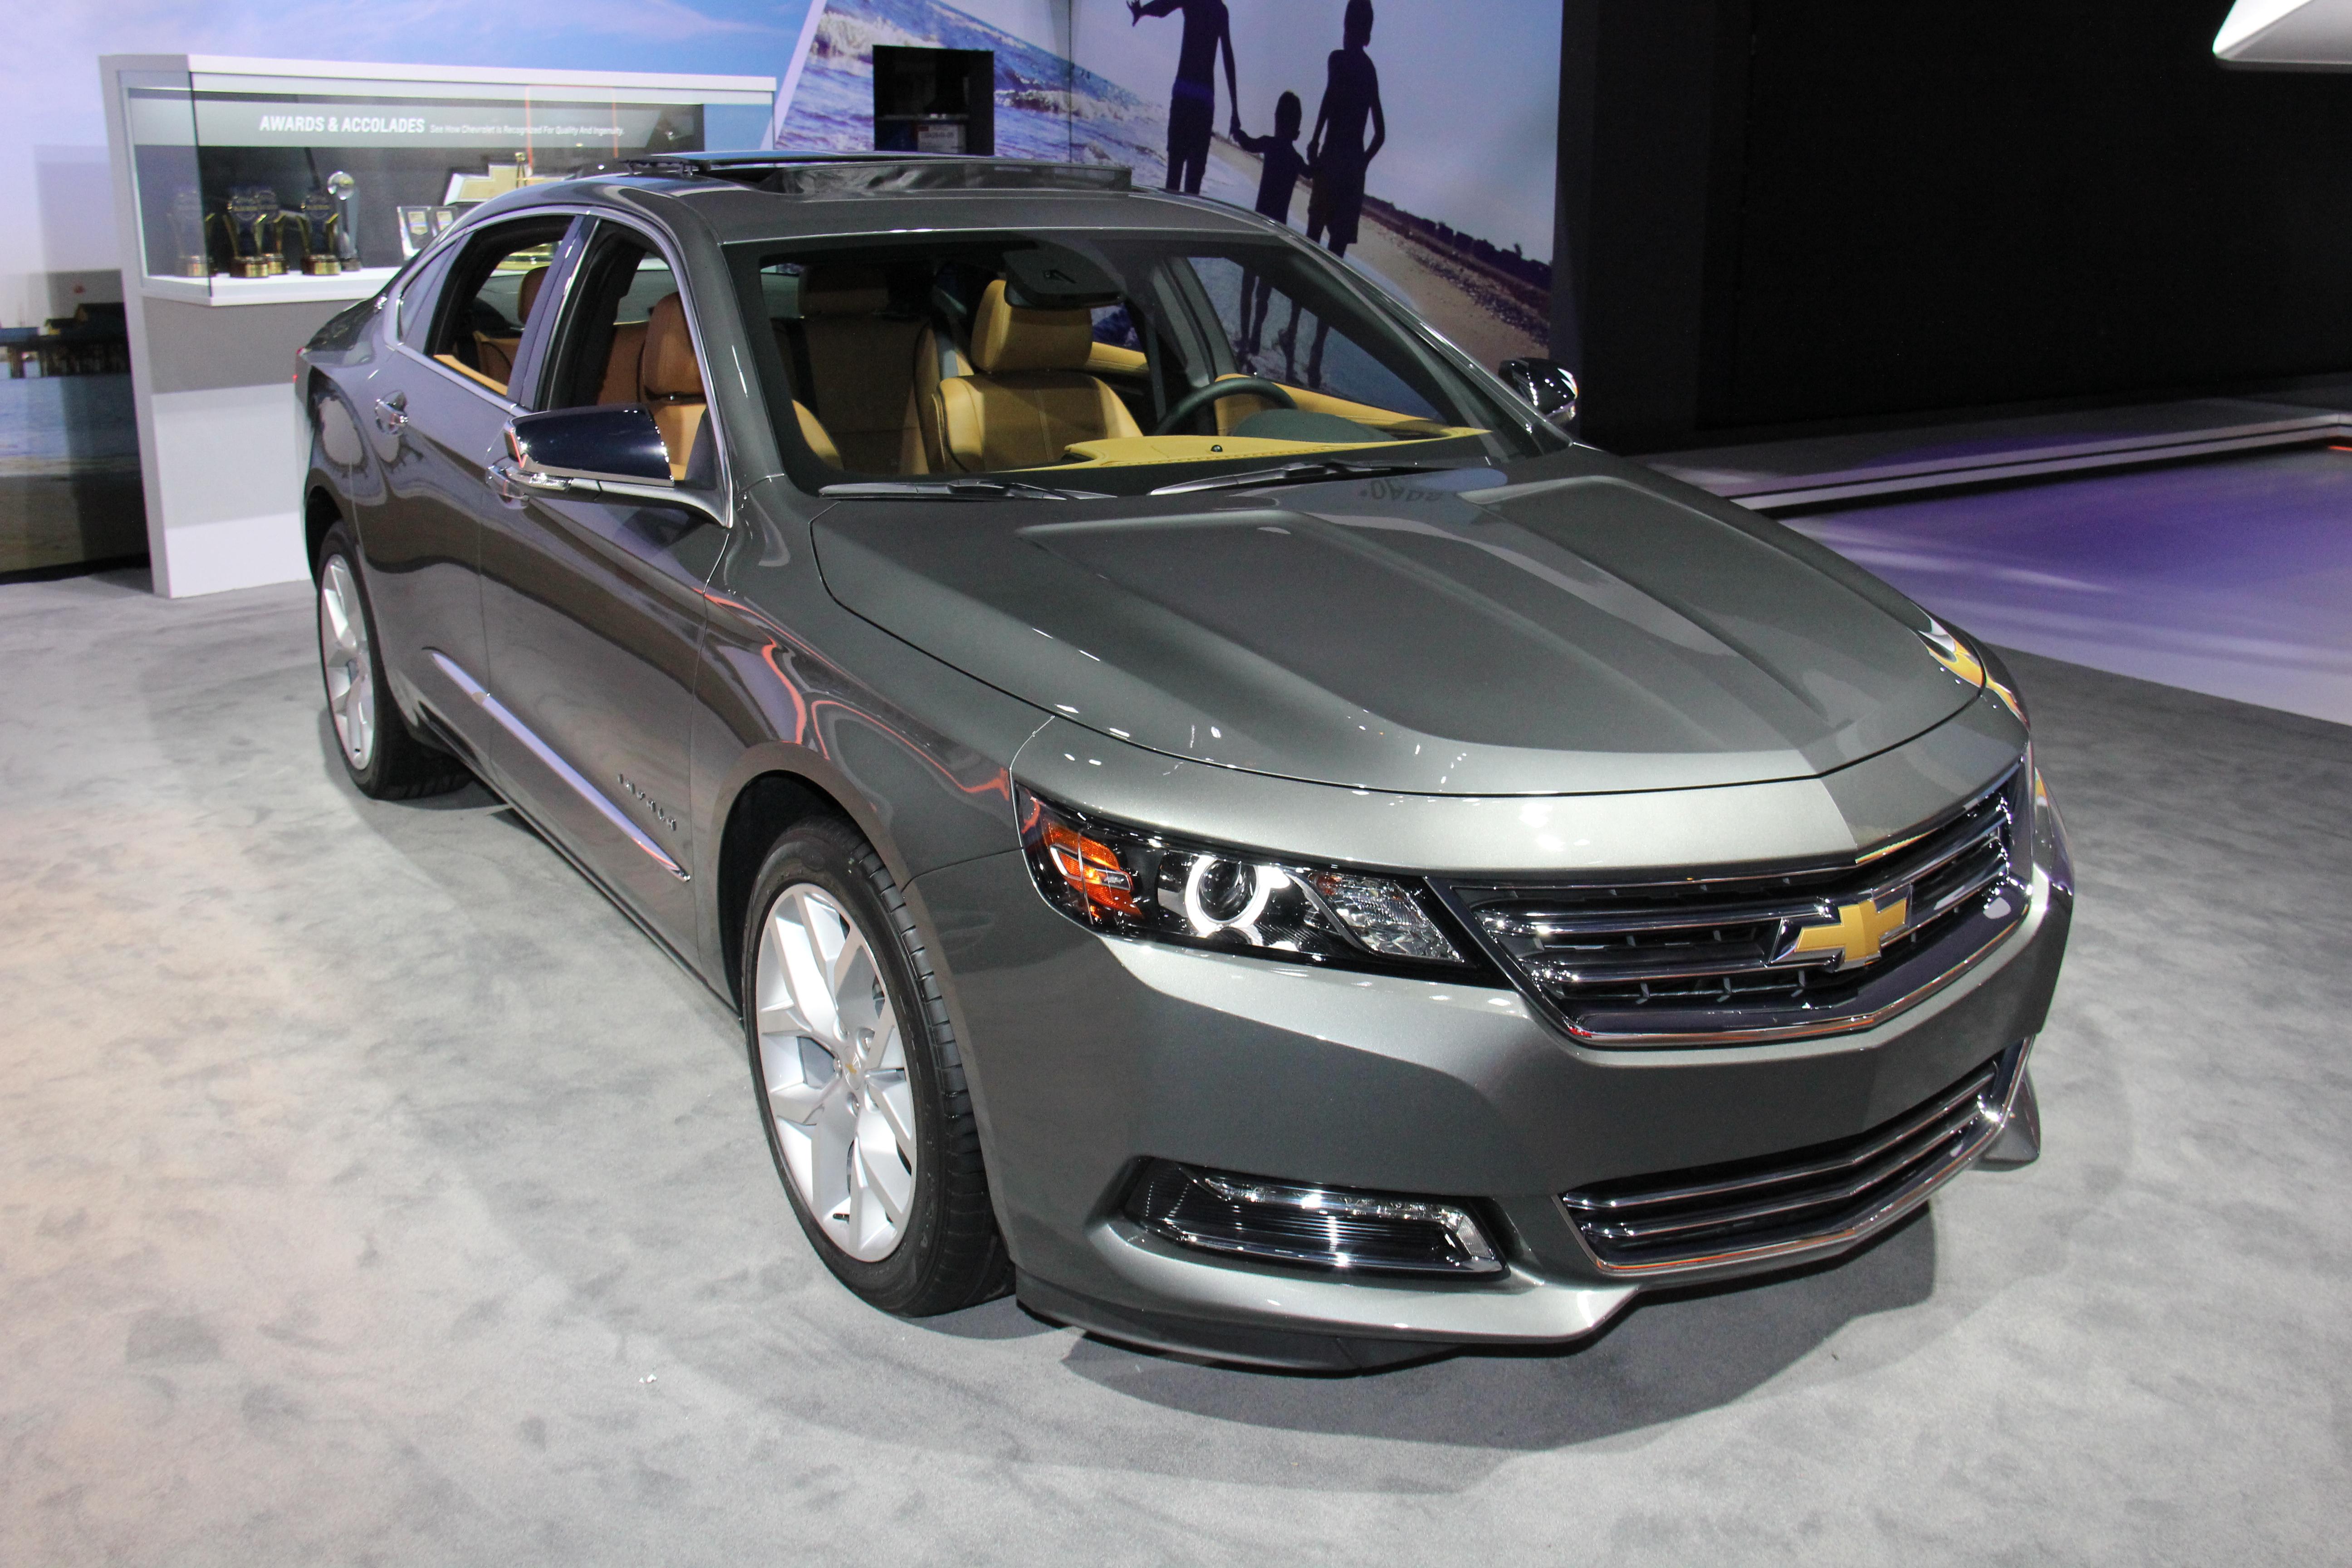 2015 L.A. Auto Show: Cars